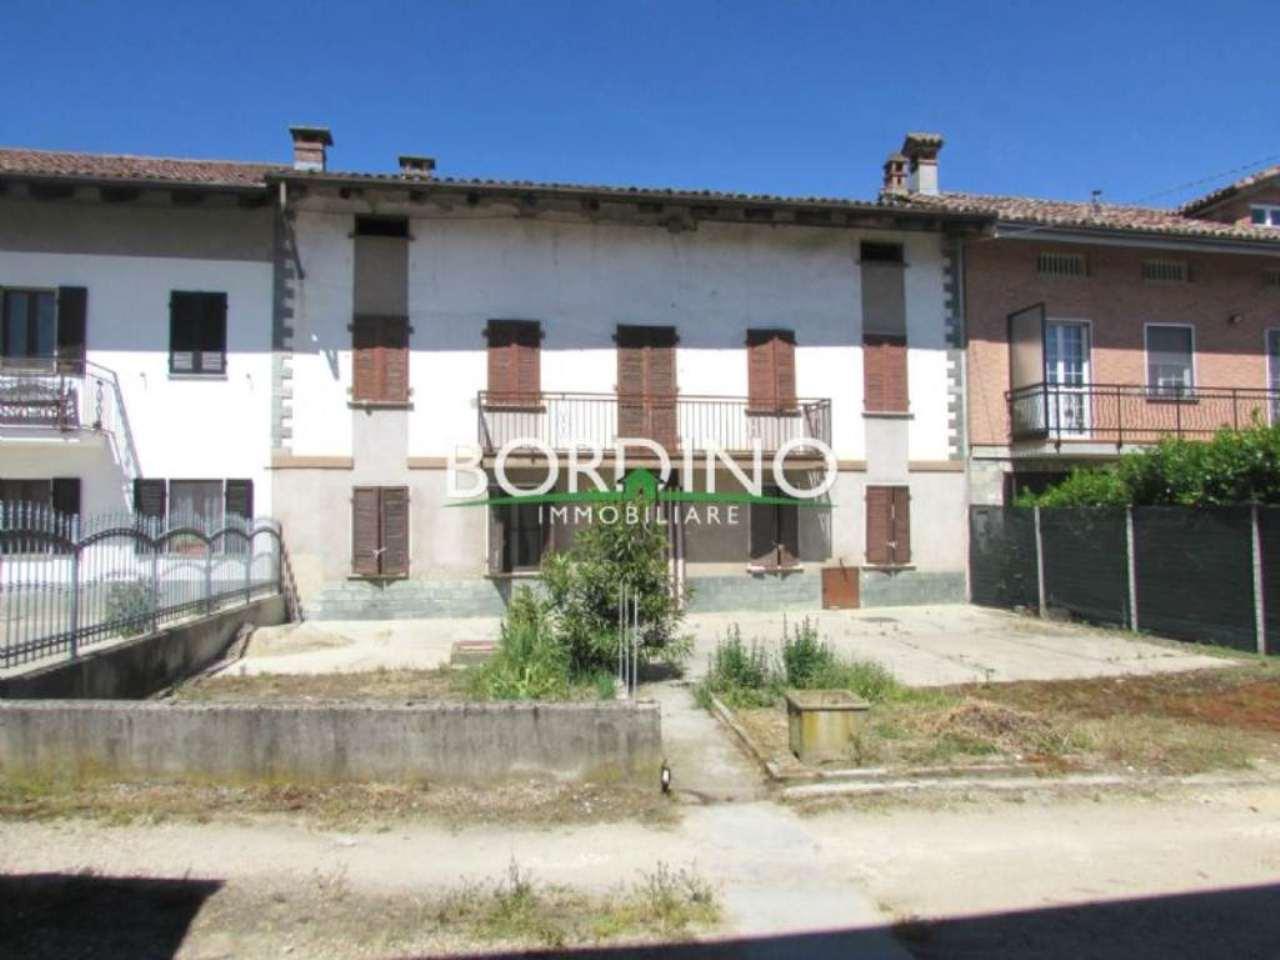 Rustico / Casale in vendita a Govone, 6 locali, prezzo € 50.000 | CambioCasa.it